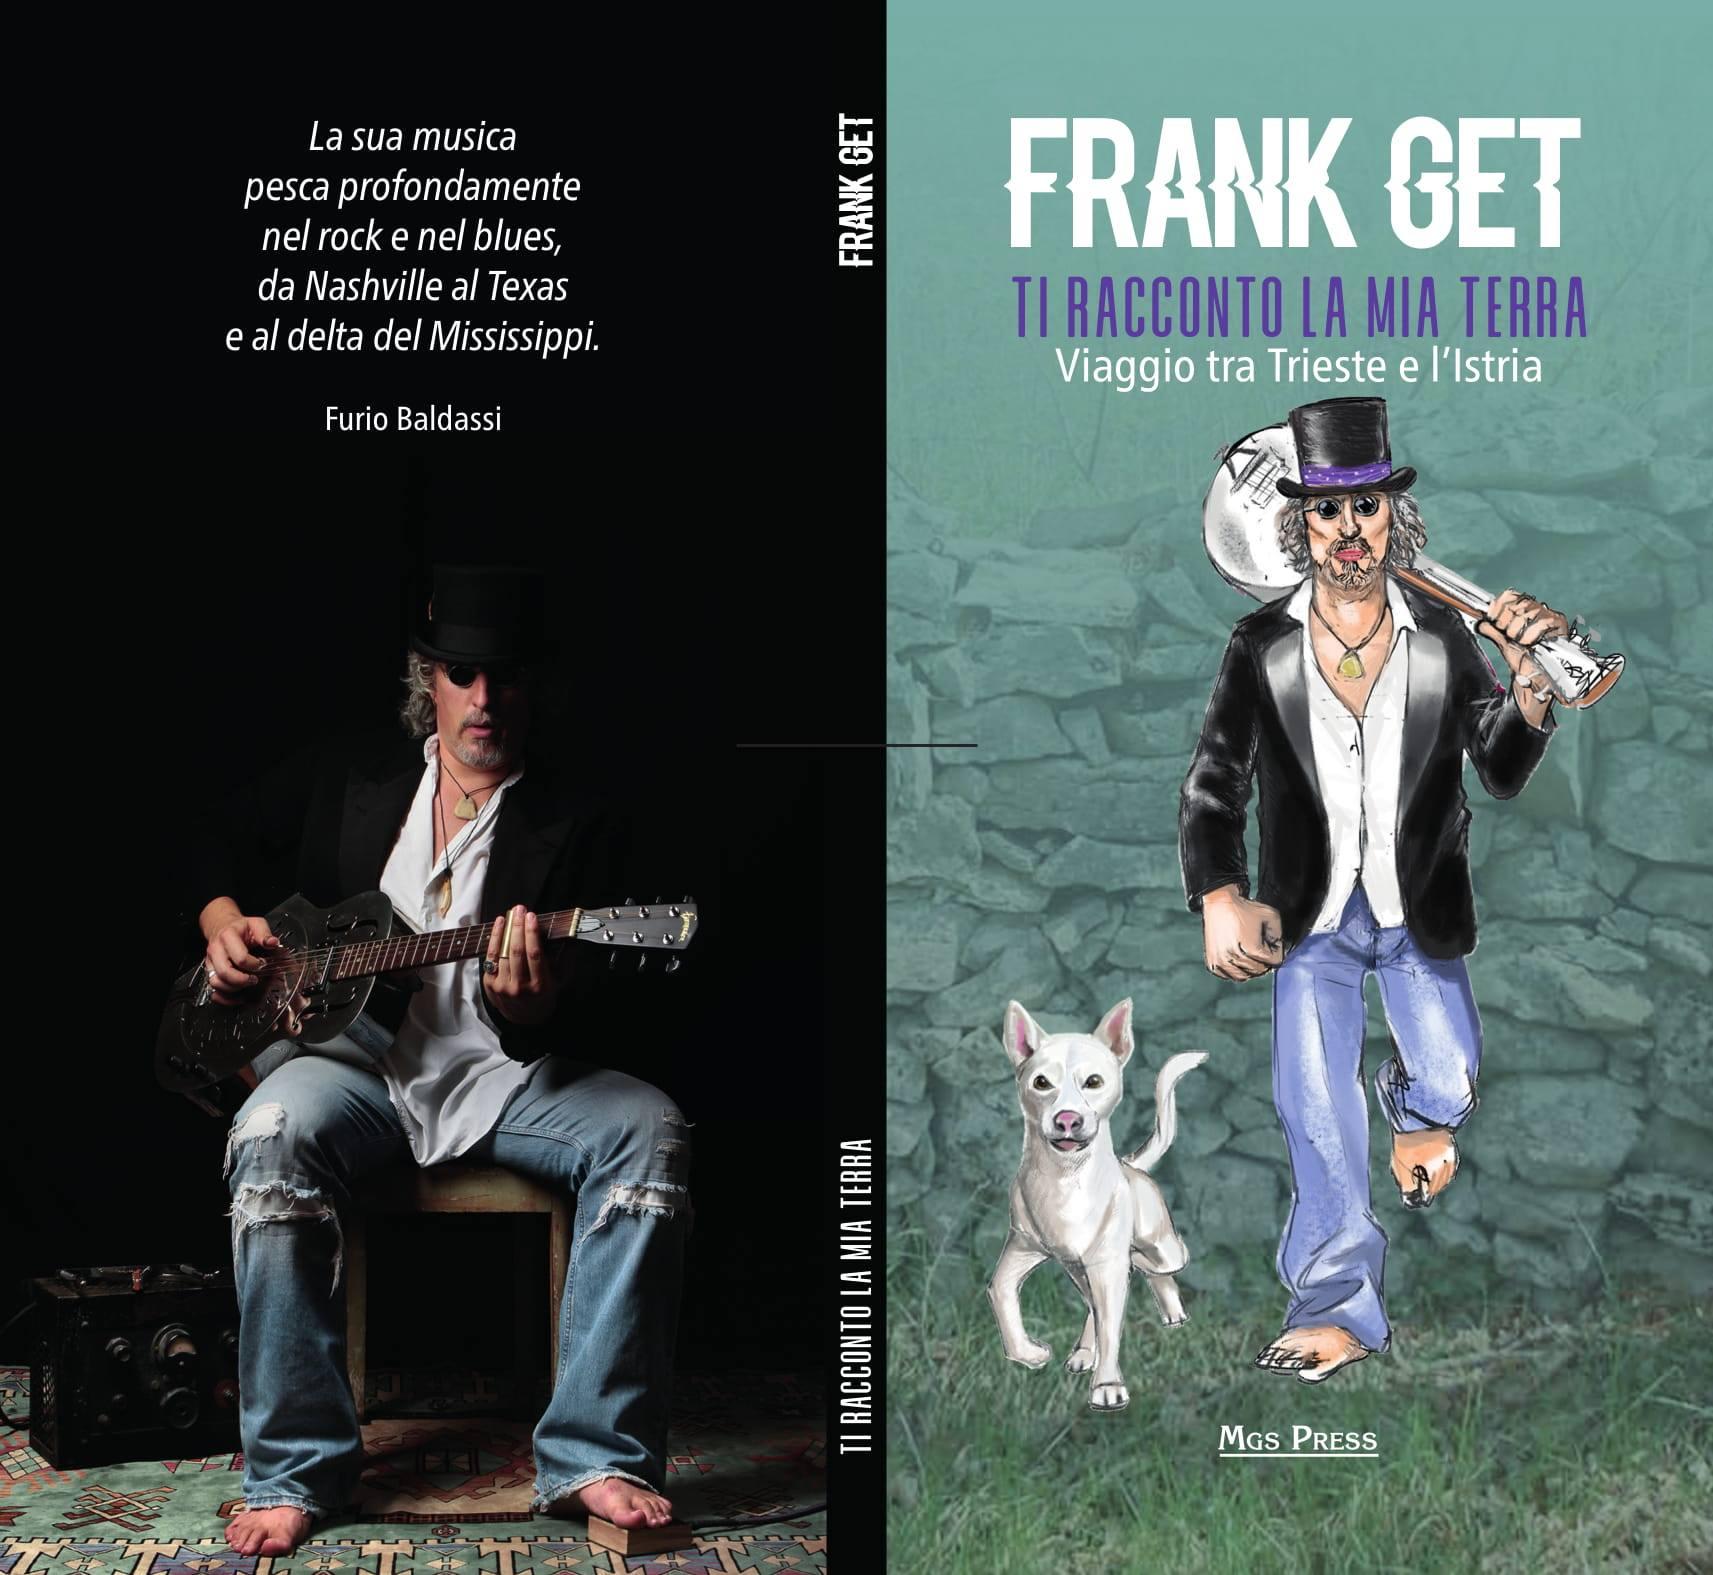 """FRANK GET """"Ti racconto la mia terra – Viaggio tra Trieste e l'Istria"""""""